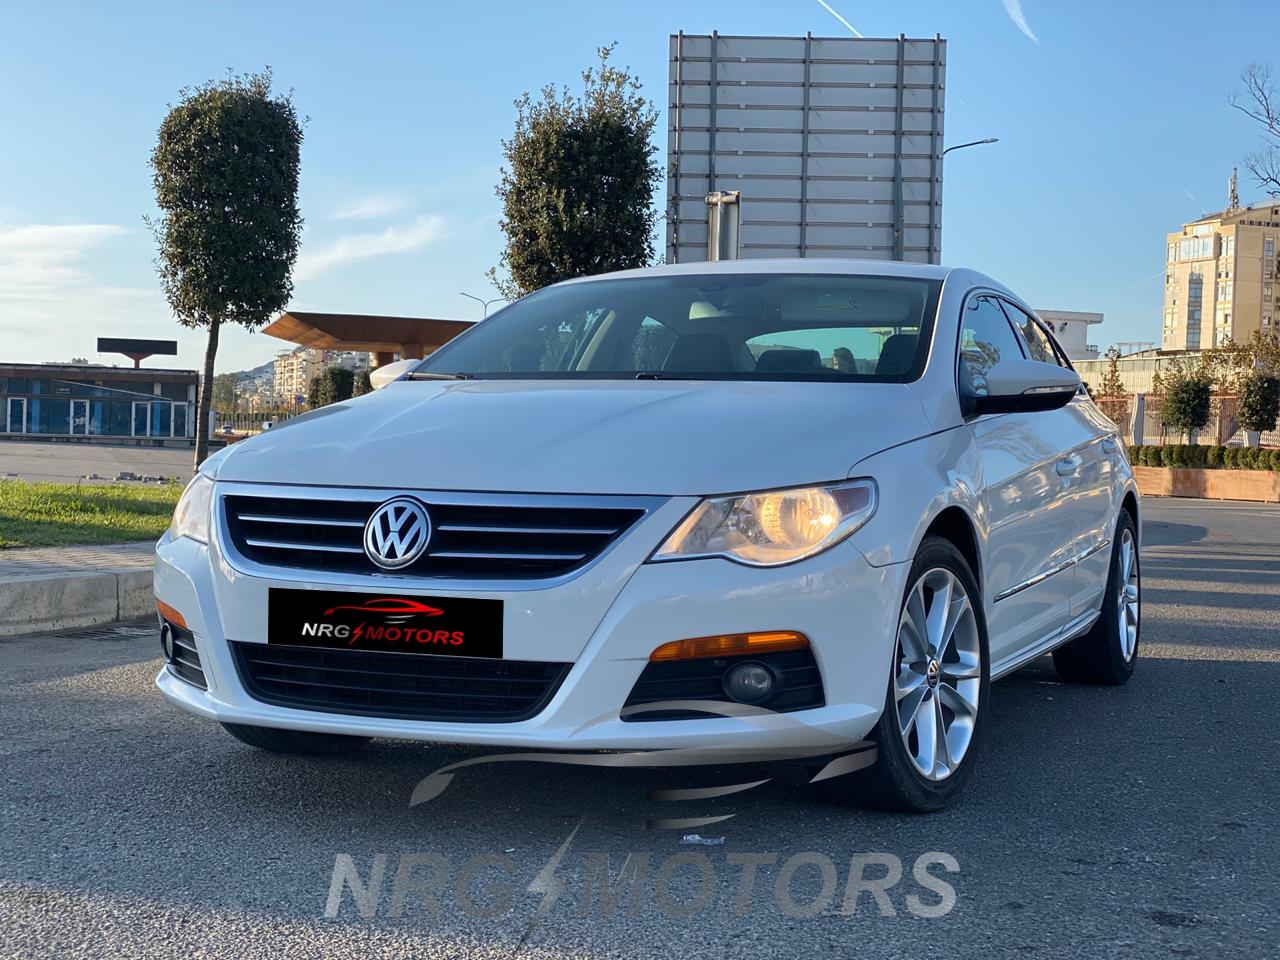 Volkswagen Passat CC në shitje 2.0 Petrol, Viti 2013, Transmision automatik. Makinë ekonomike dhe komode për 4 persona. NRG MOTORS